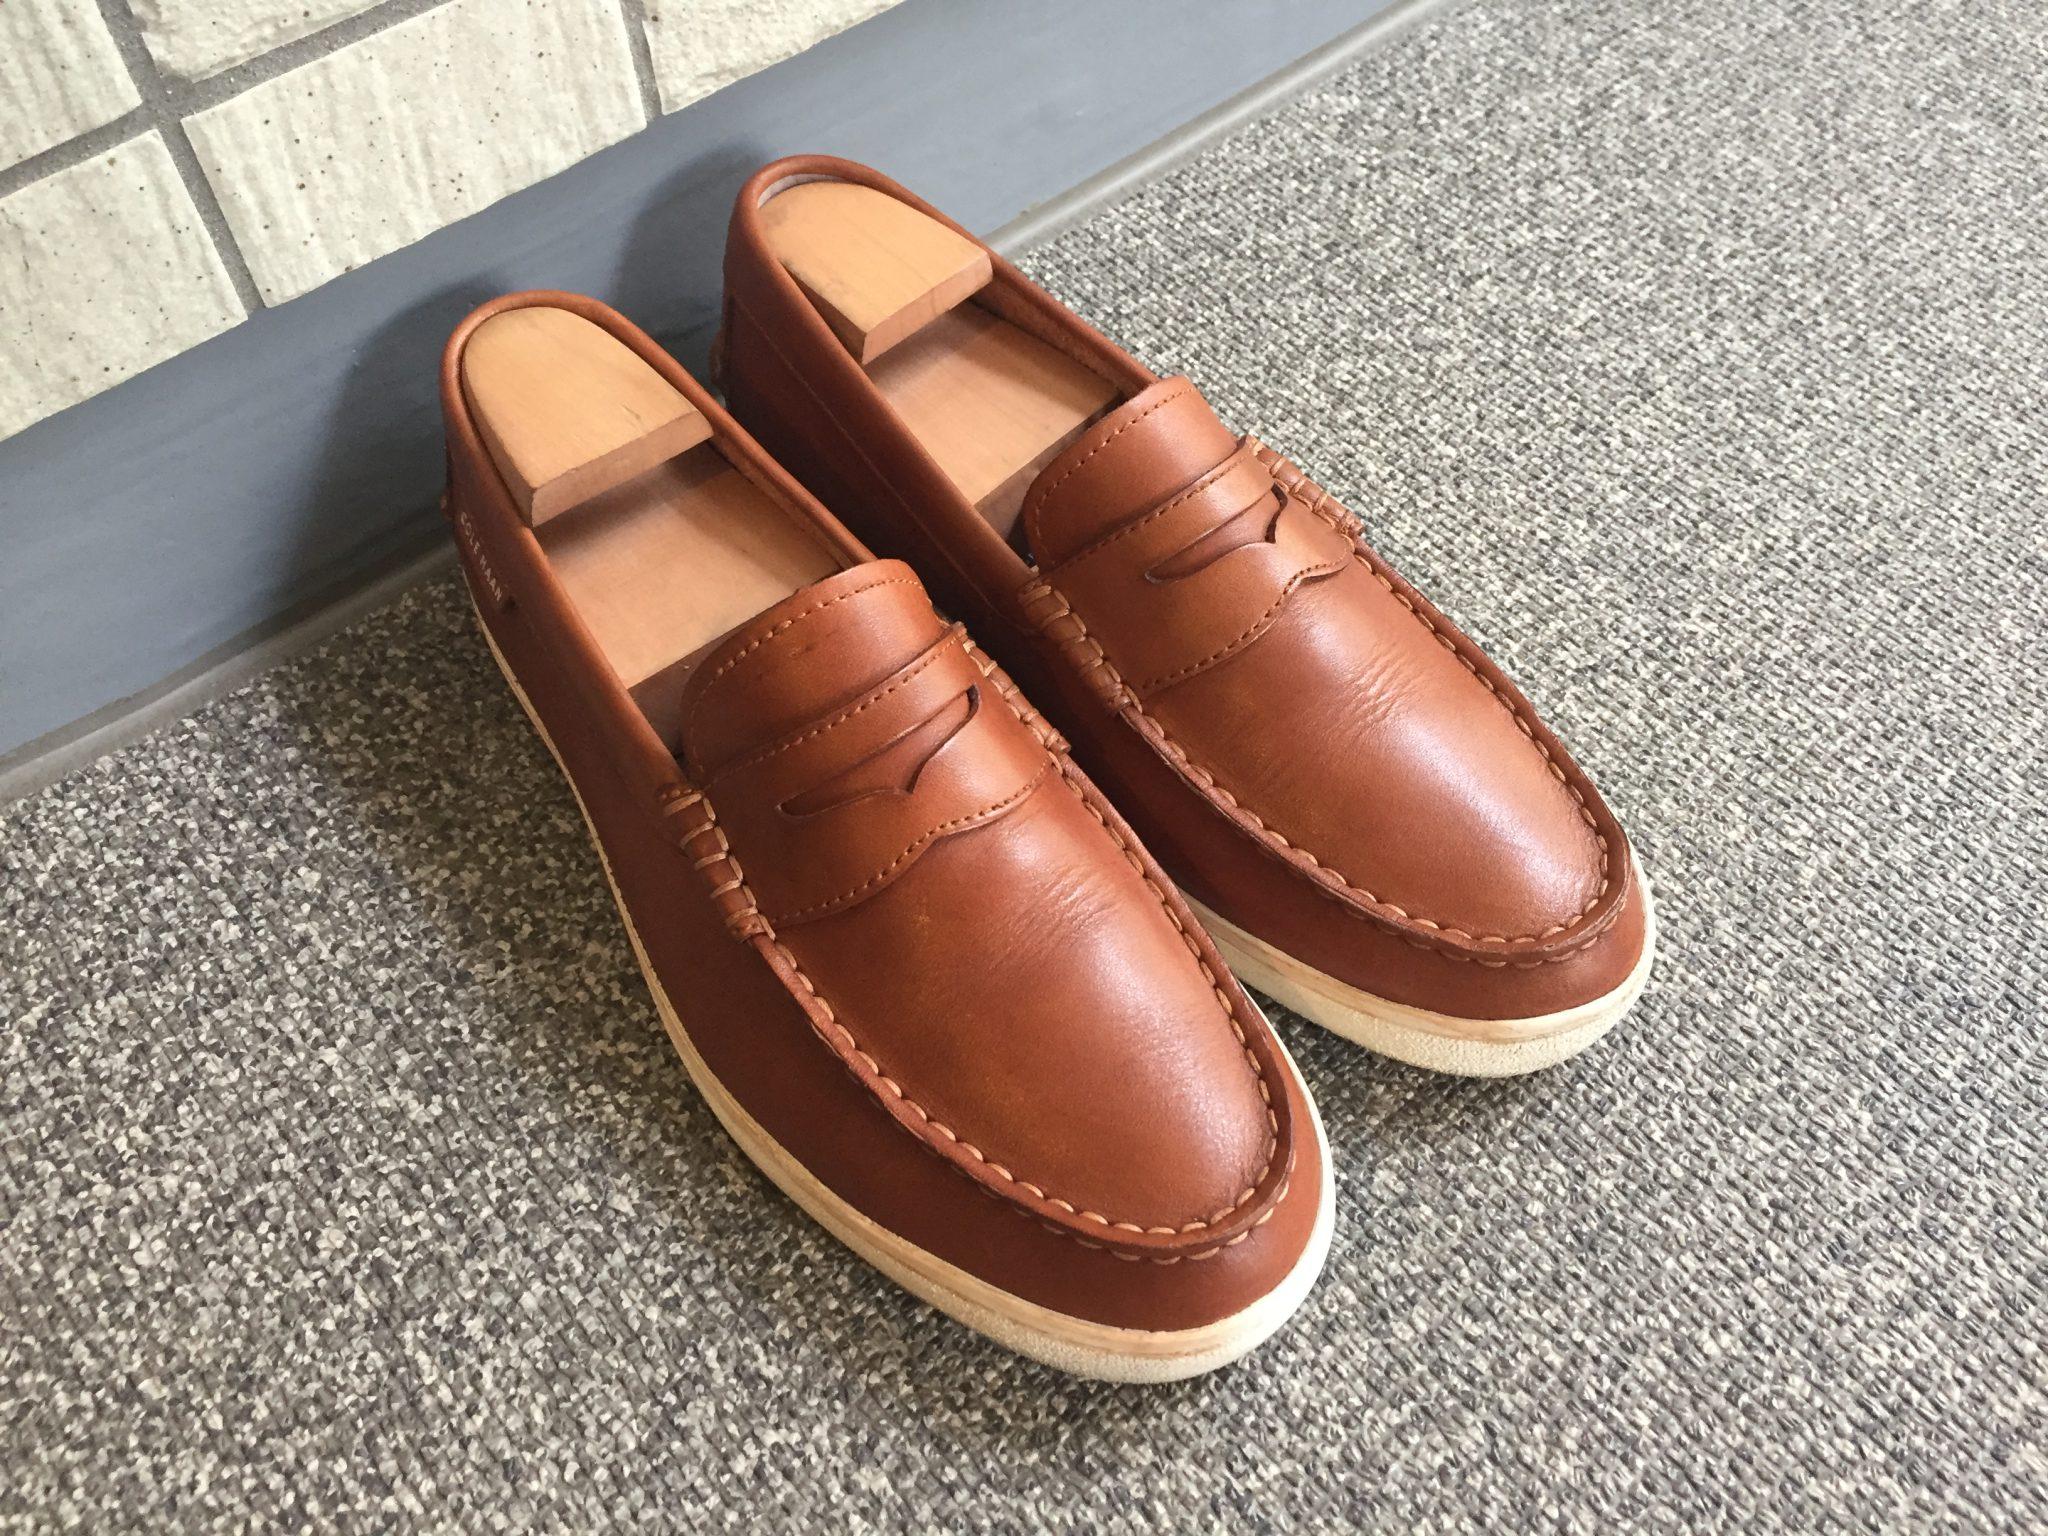 革靴を濃いめの色に補色するチャレンジ~コールハーン ピンチウィークエンダー「BRITISH TAN」をモゥブレィのミディアムブラウンで補色する